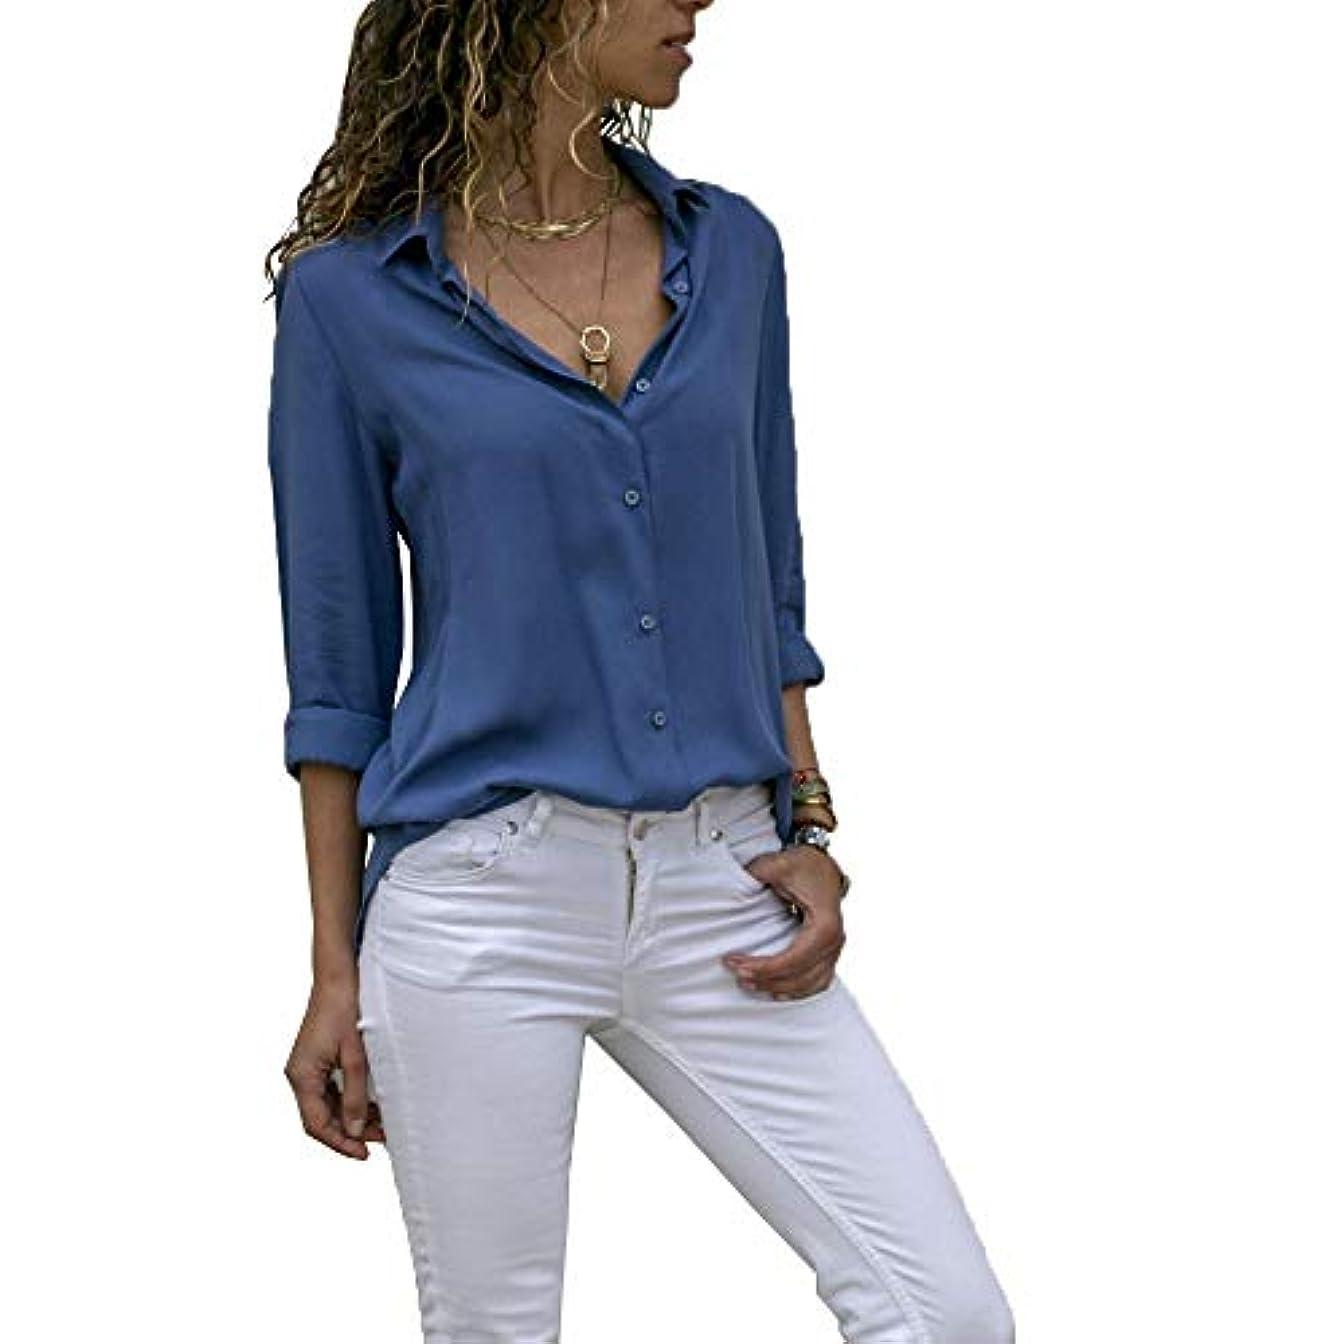 蒸留する北へ従事するMIFAN ルーズシャツ、トップス&Tシャツ、プラスサイズ、トップス&ブラウス、シフォンブラウス、女性トップス、シフォンシャツ